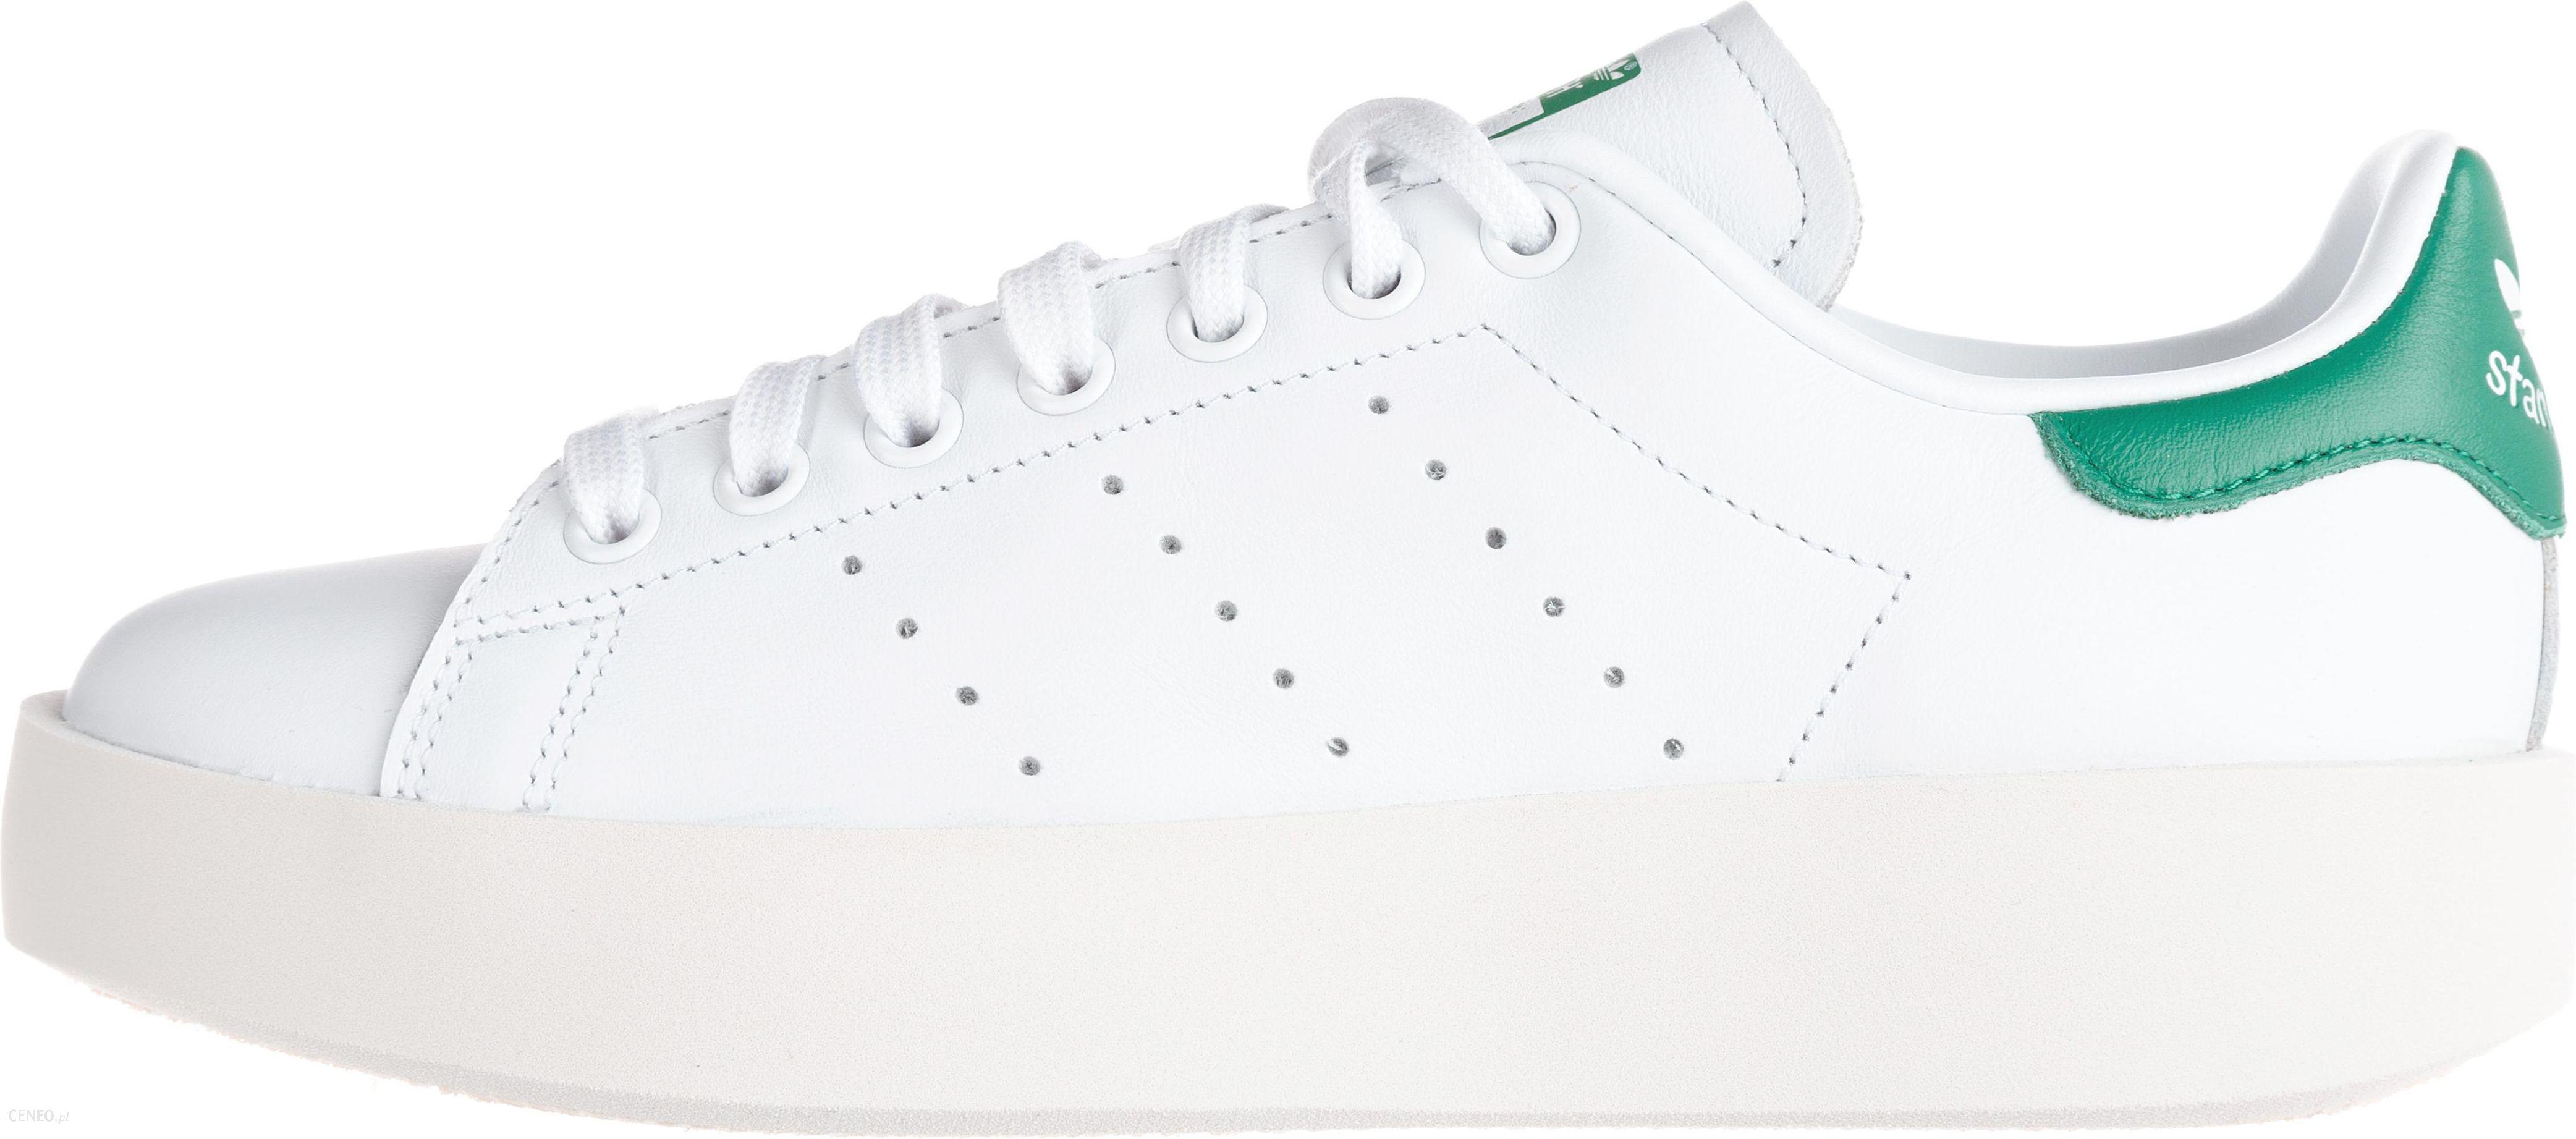 pretty nice 0c675 9db3f adidas Originals Stan Smith Bold Tenisówki Biały 38 - zdjęcie 1